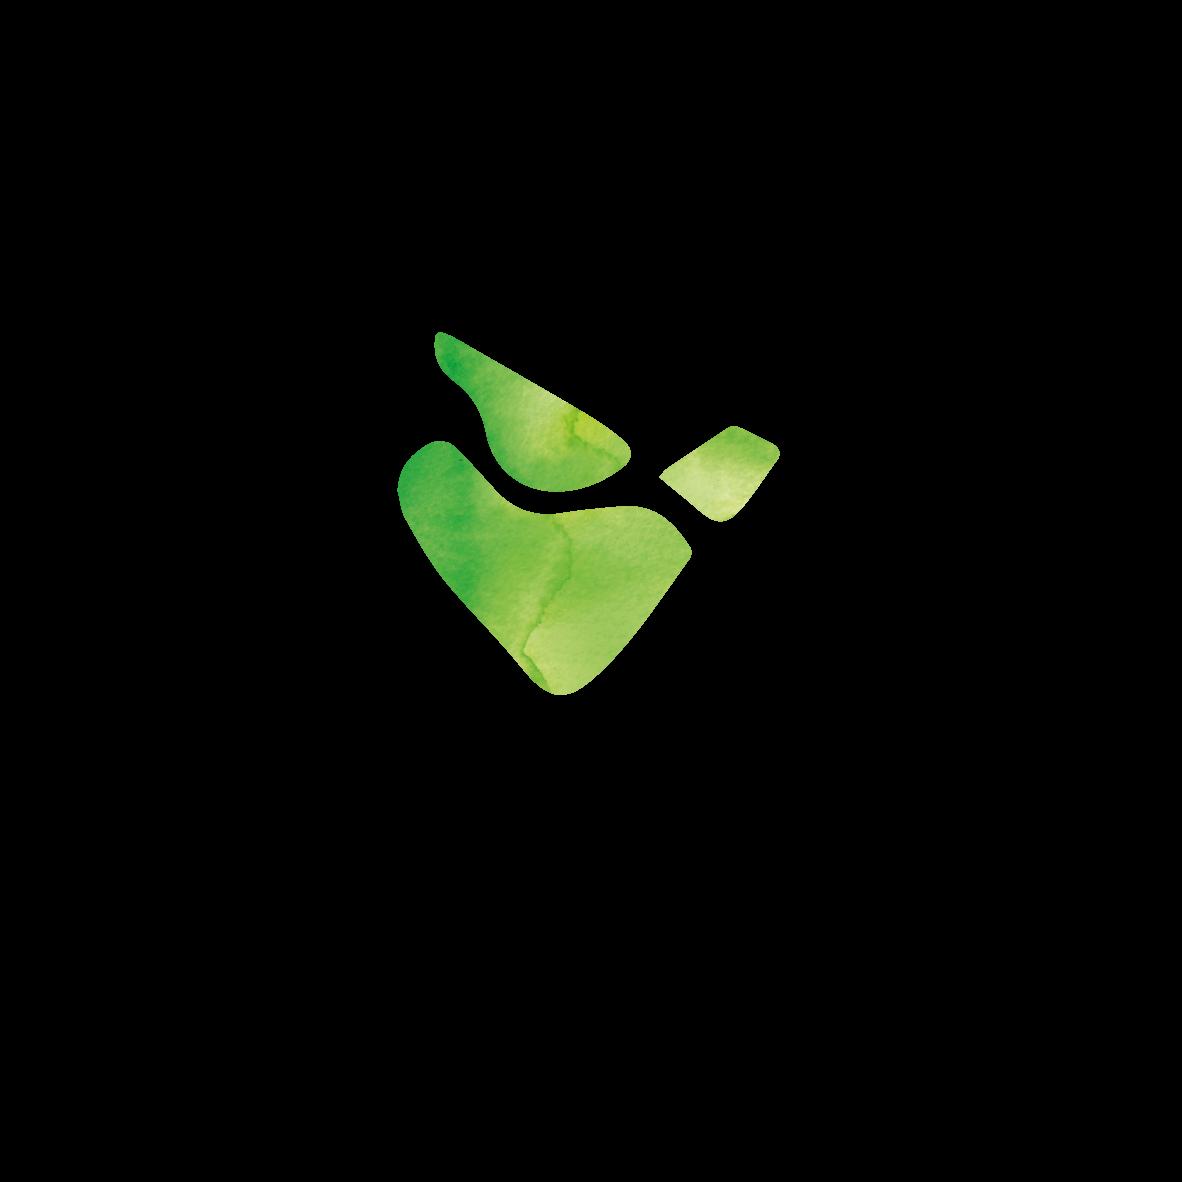 logotipo projeto visionarios